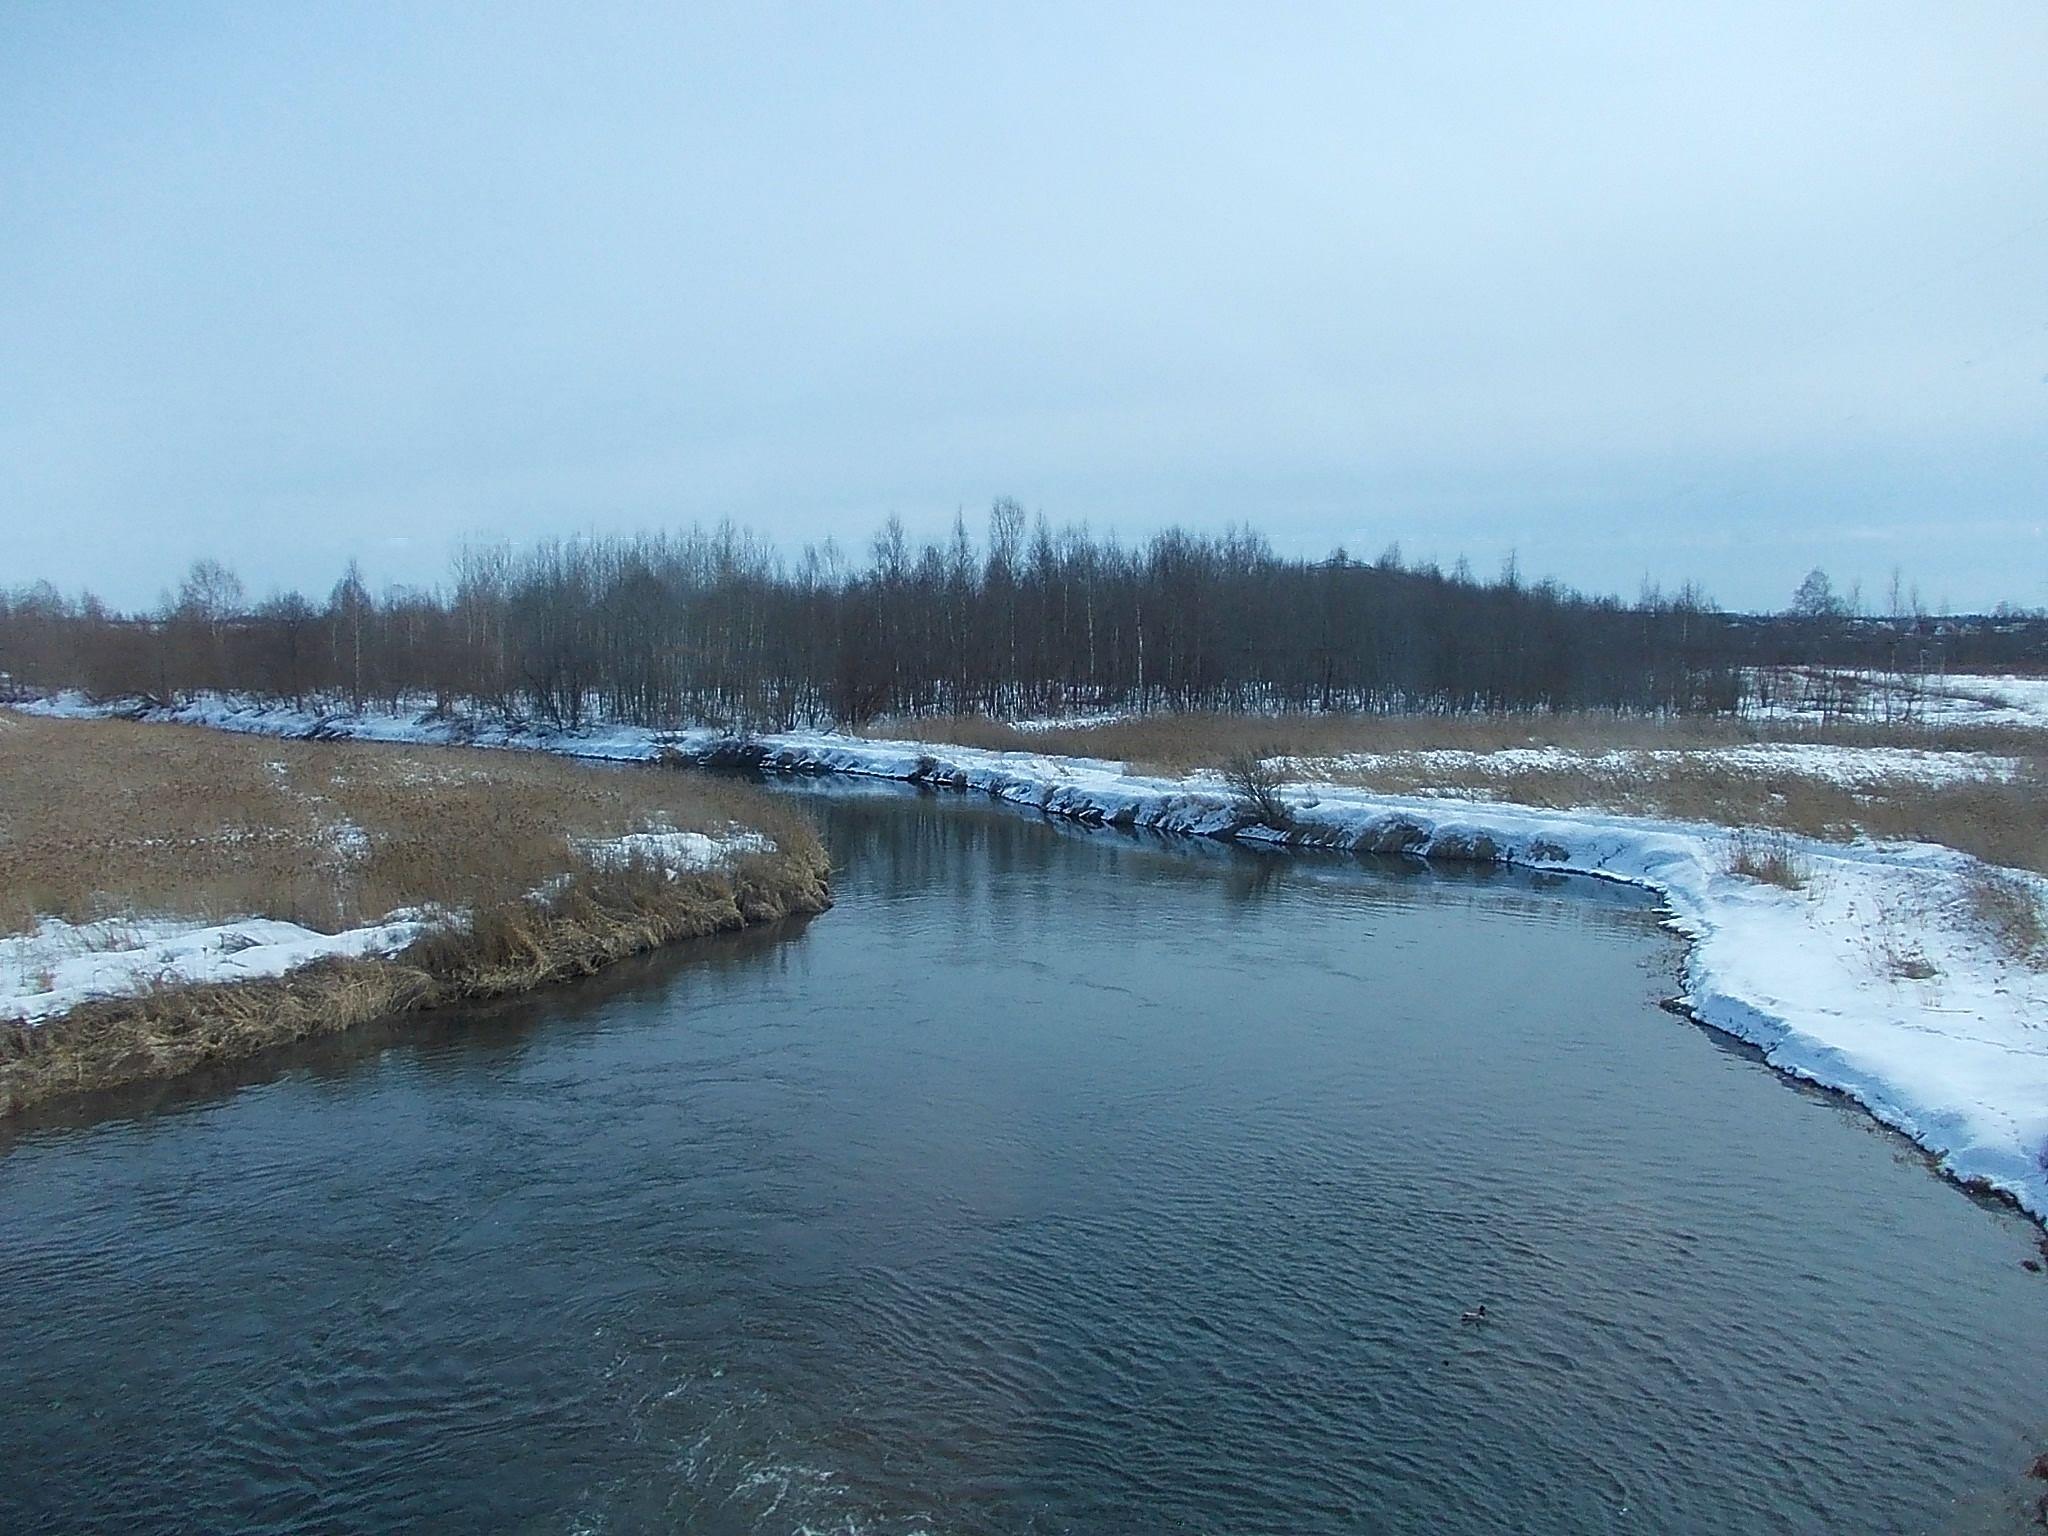 Компания «Коммунальные системы Гатчинского района» выплатит 6 075 000 рулей за загрязнение реки Ижора